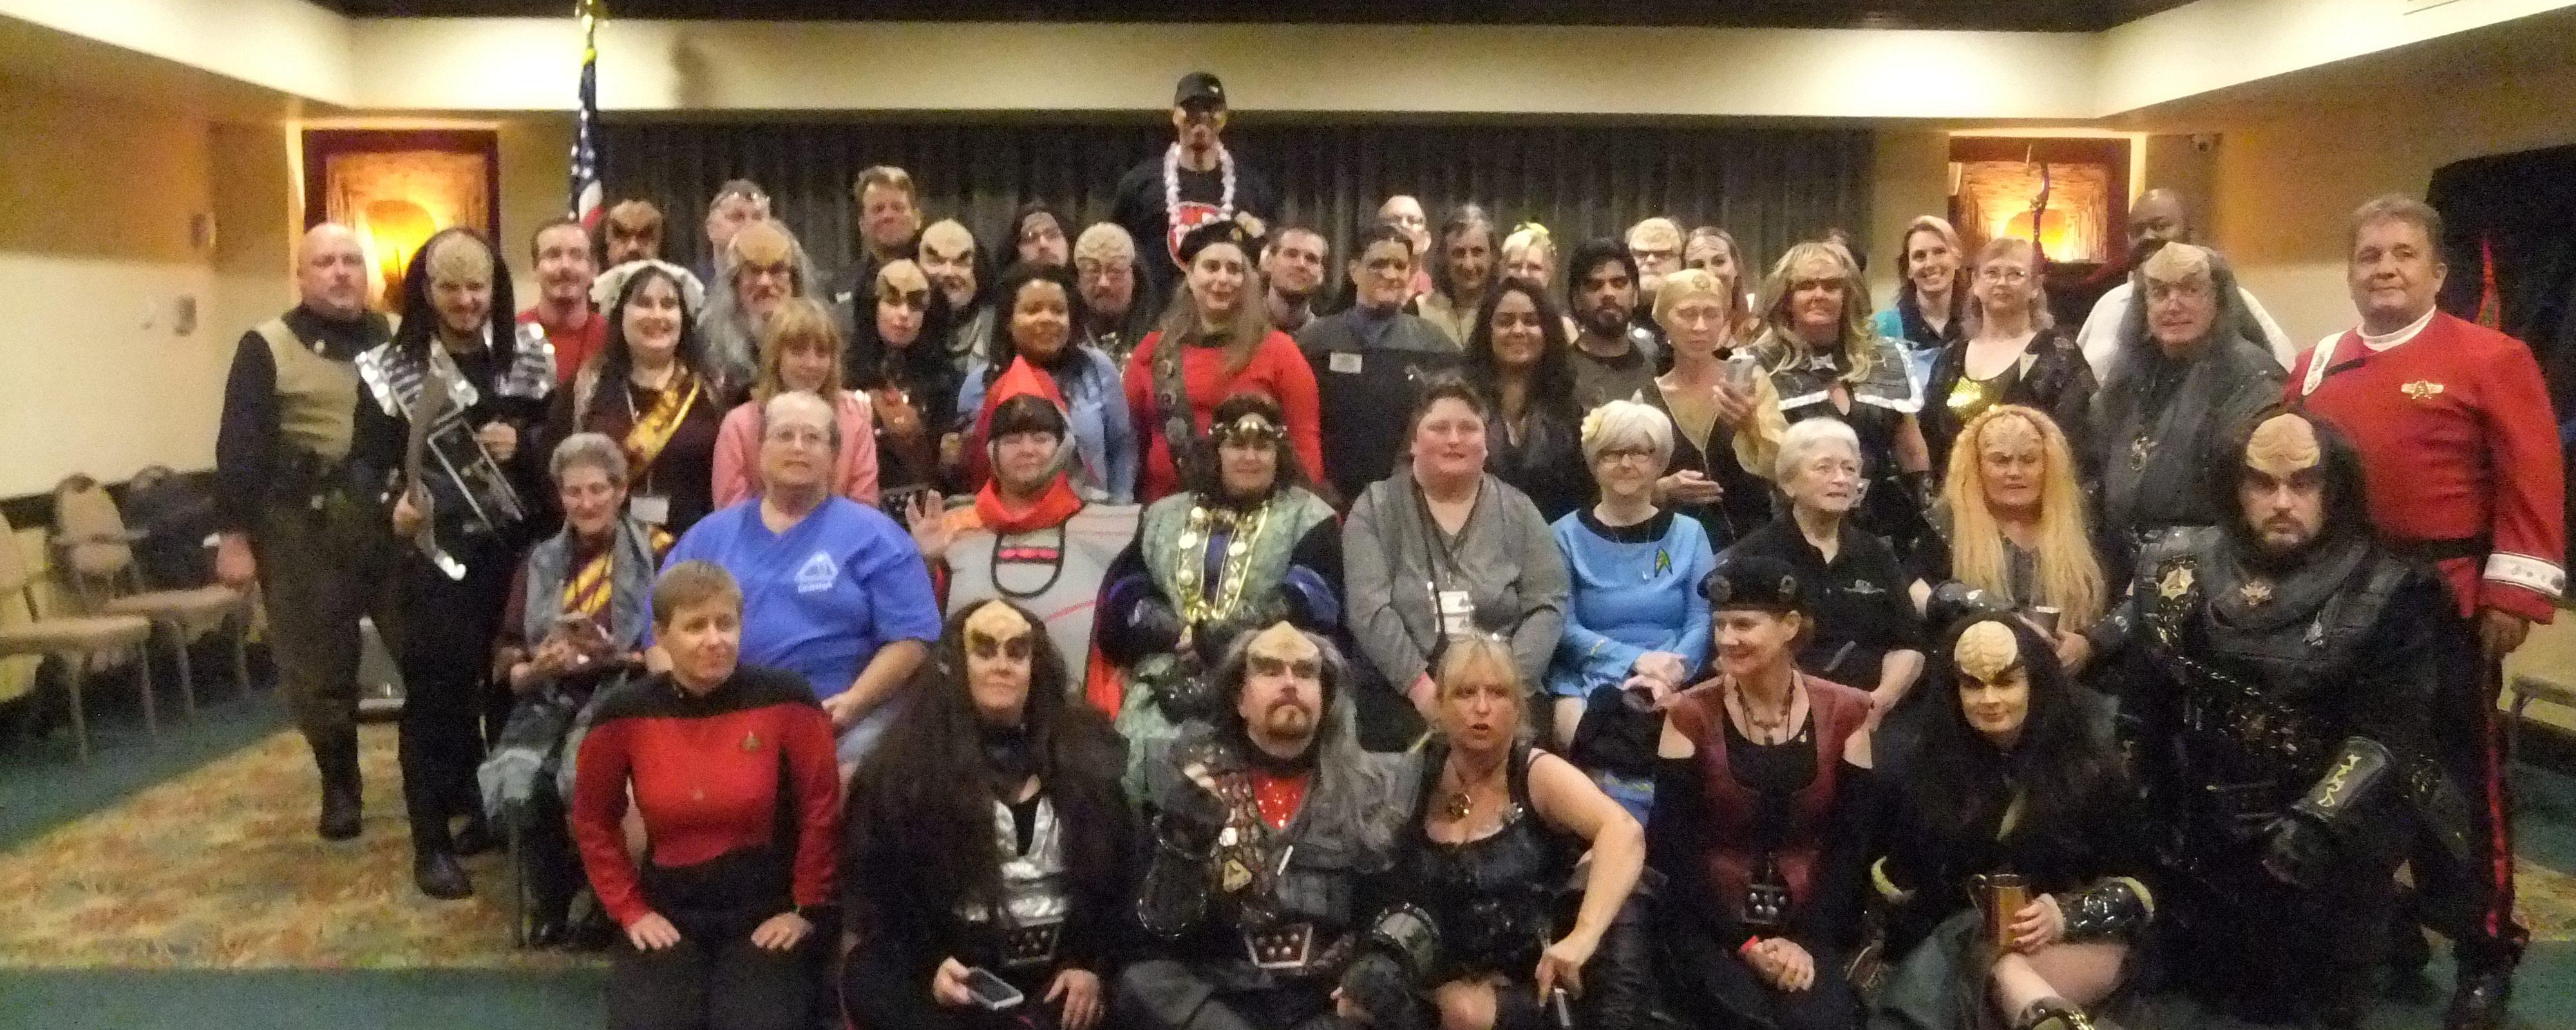 Klingon Feast 2017